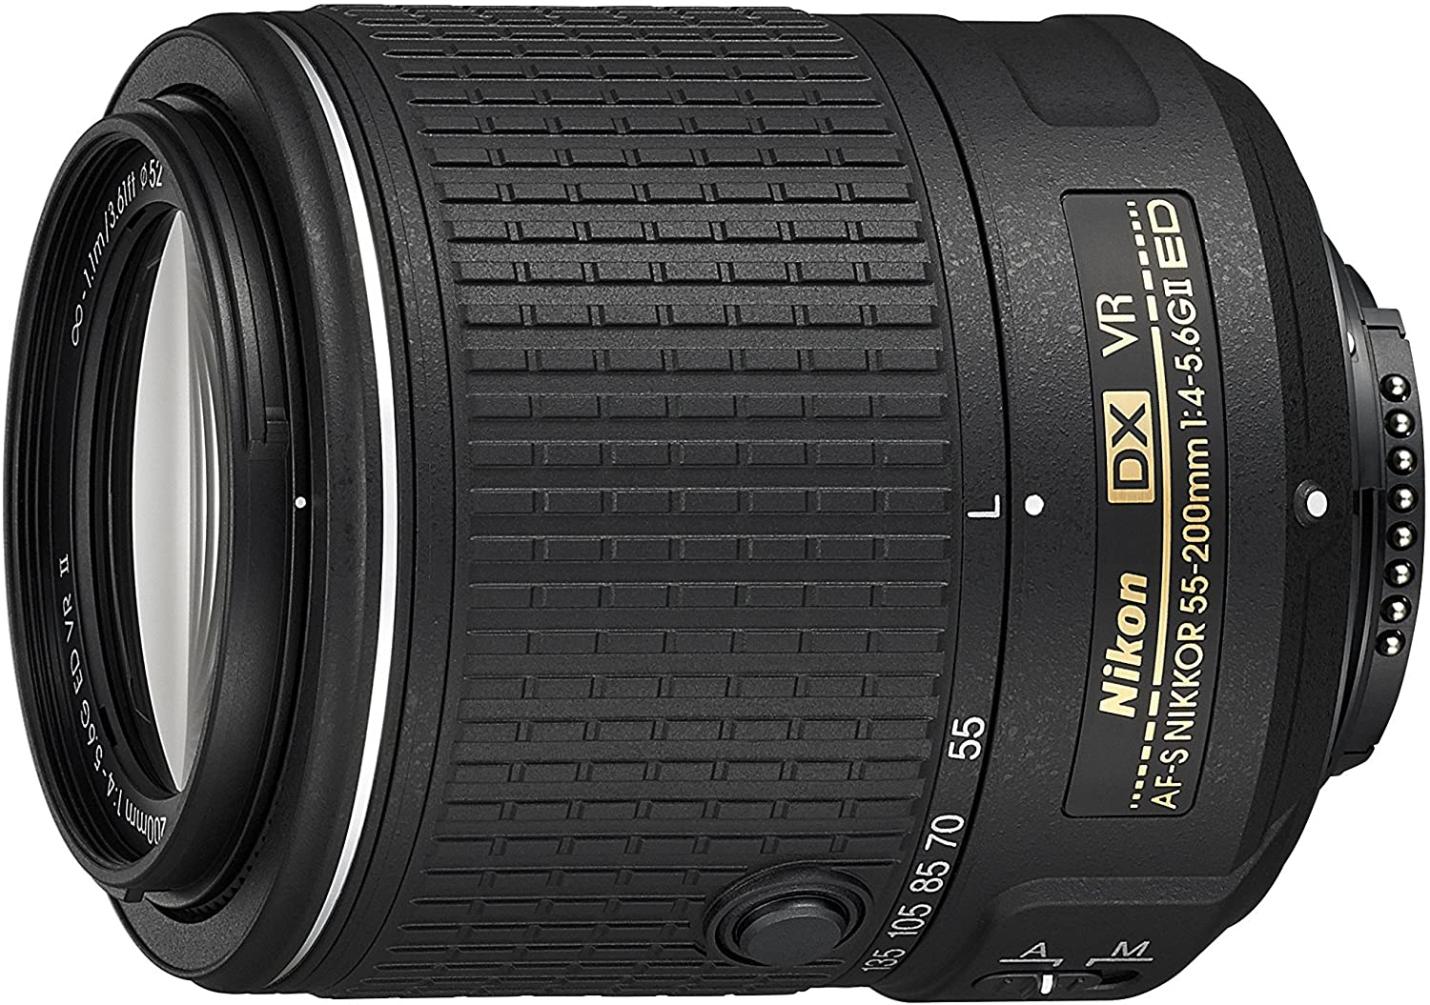 Best Nikon D5600 Lens for Beginners